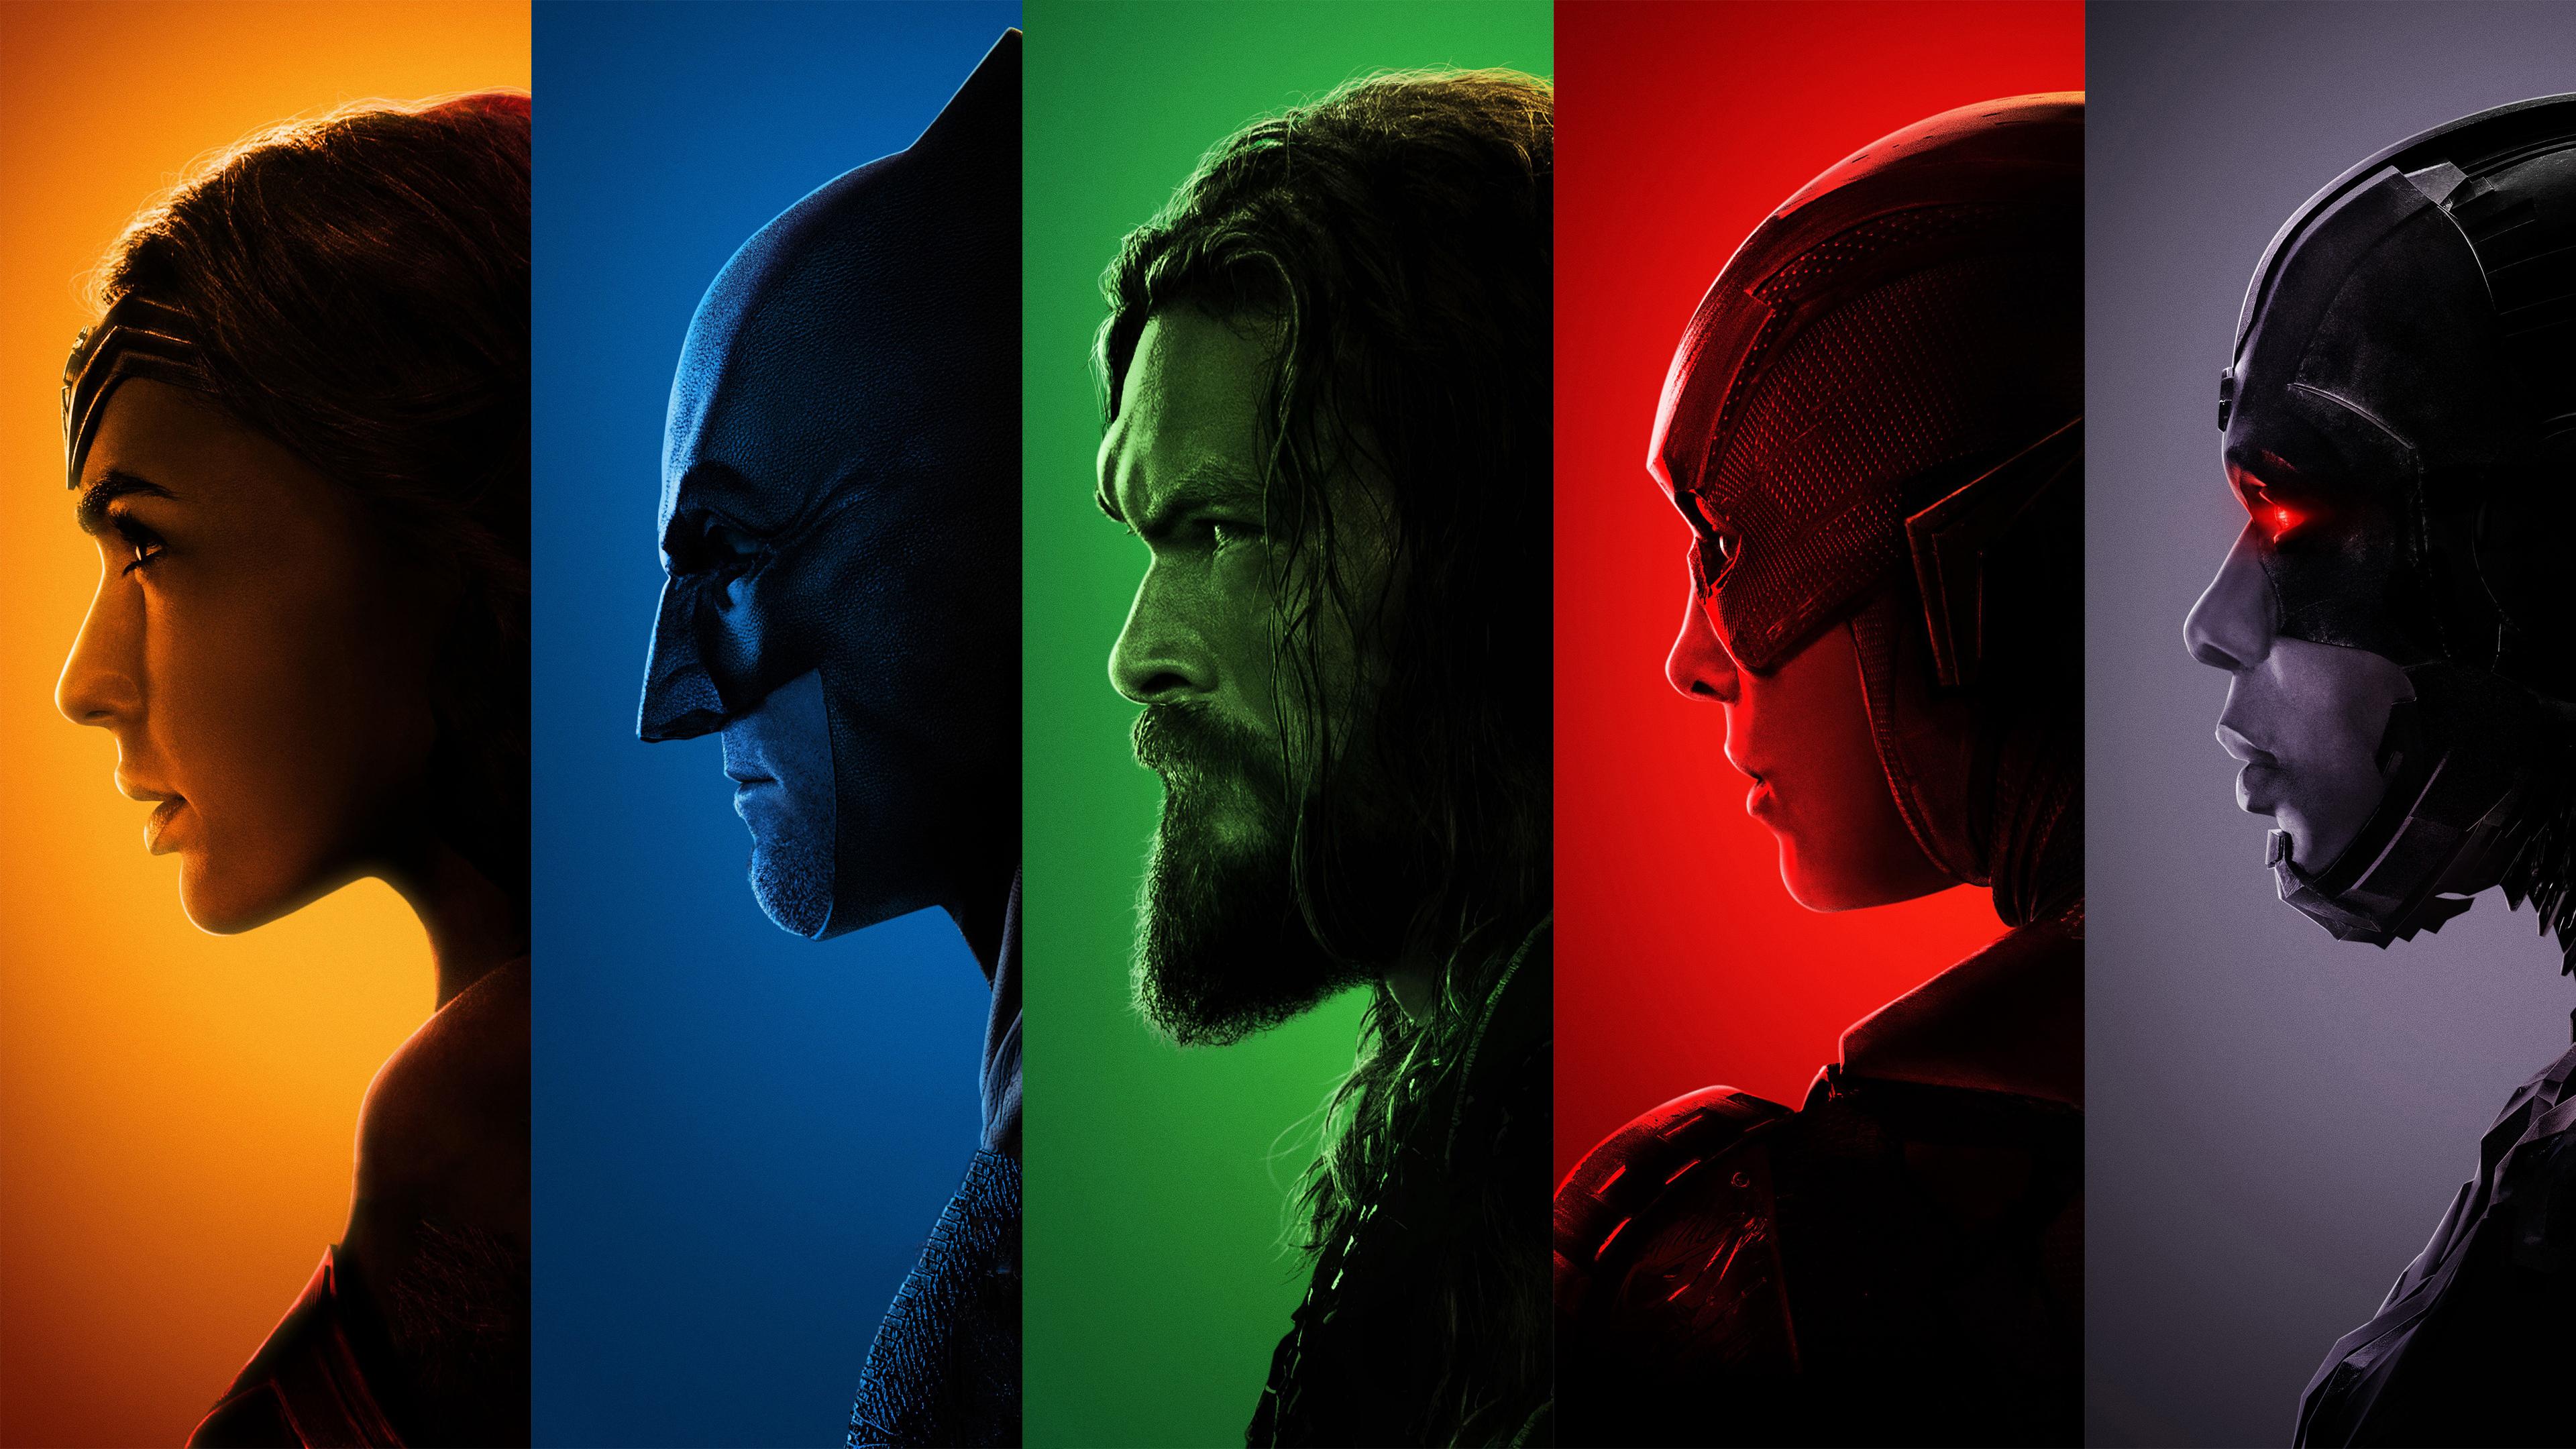 justice-league-2017-superheroes-4k-k8.jpg